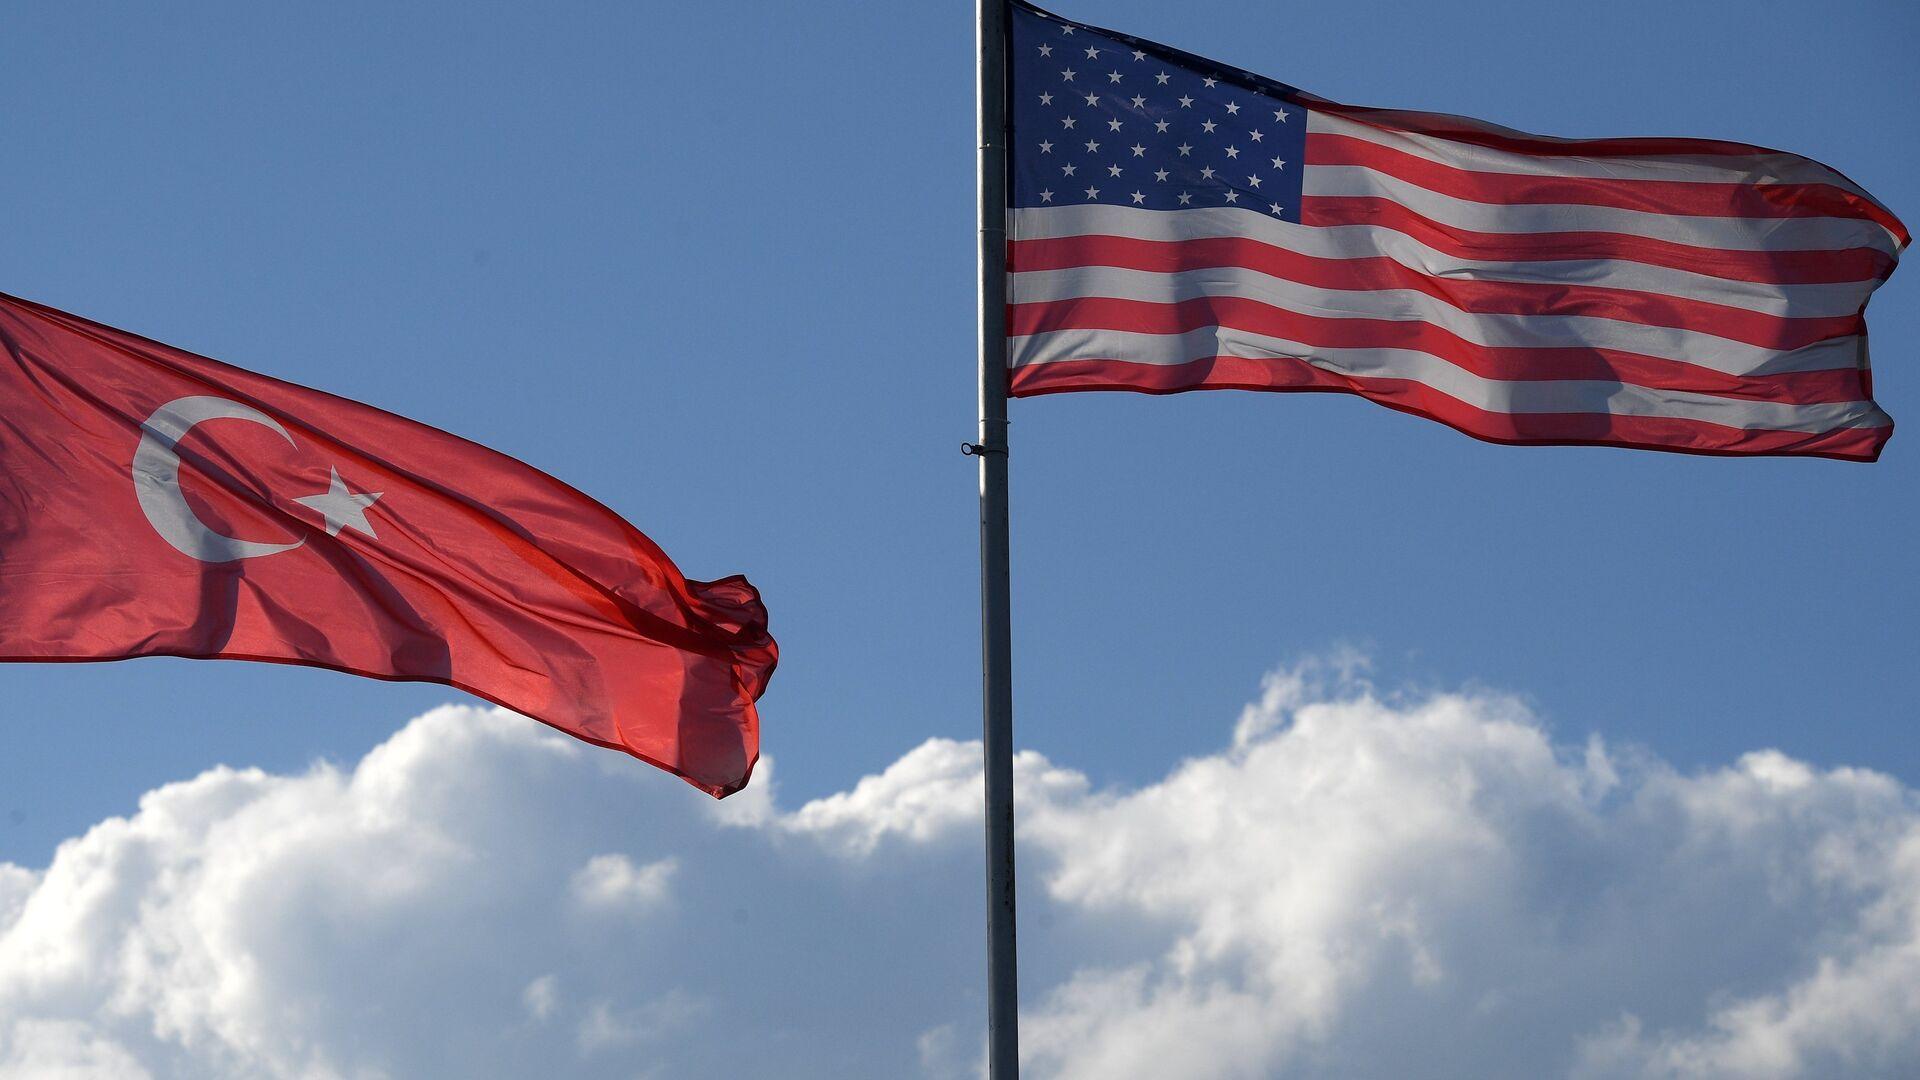 Las banderas de Turquía y EEUU - Sputnik Mundo, 1920, 04.06.2021